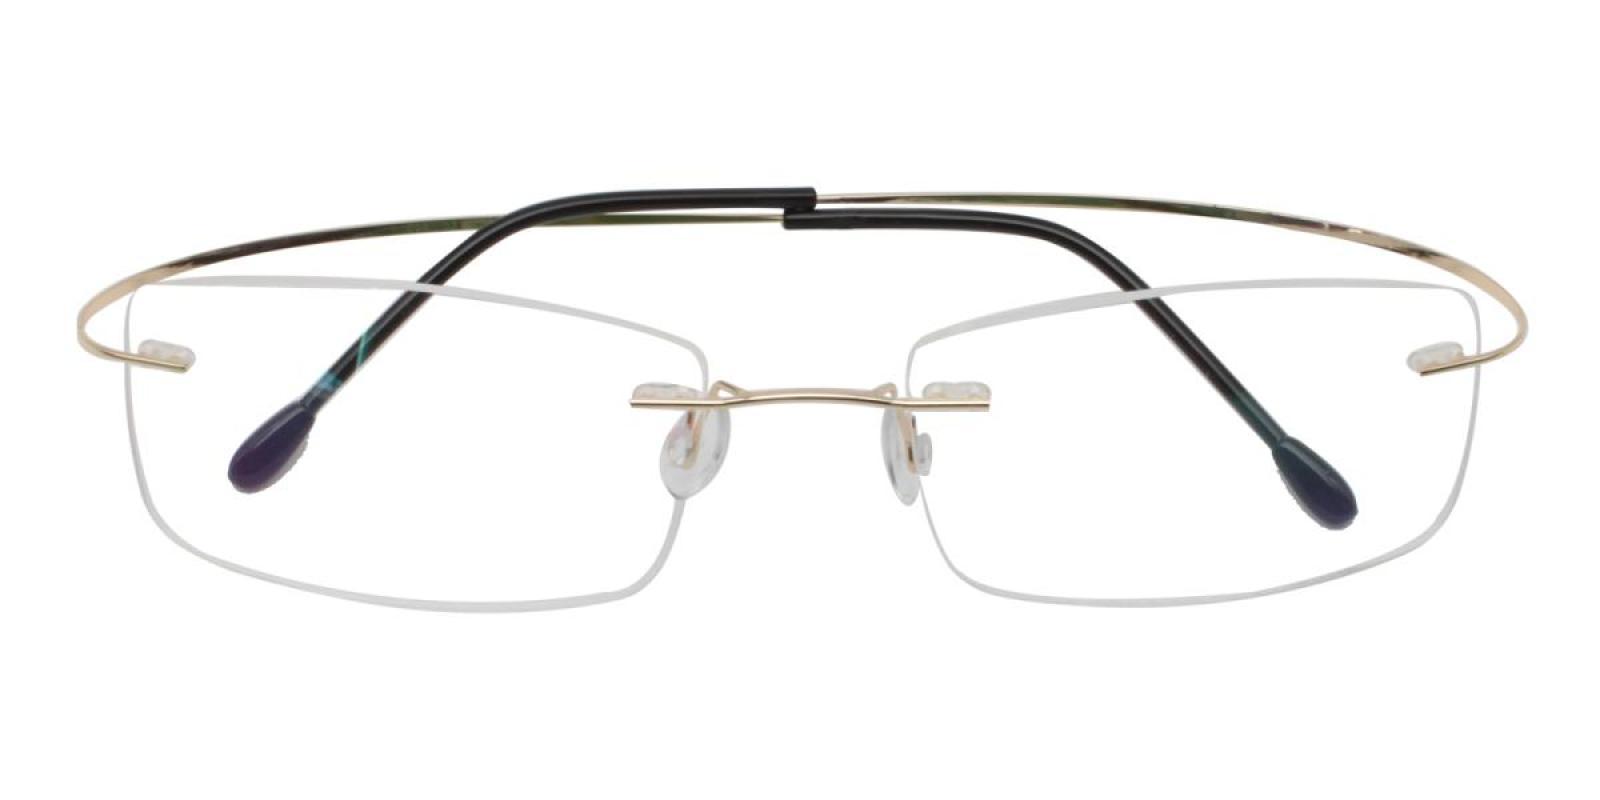 Slimly-Gold-Varieties-Memory / Metal-Eyeglasses-detail